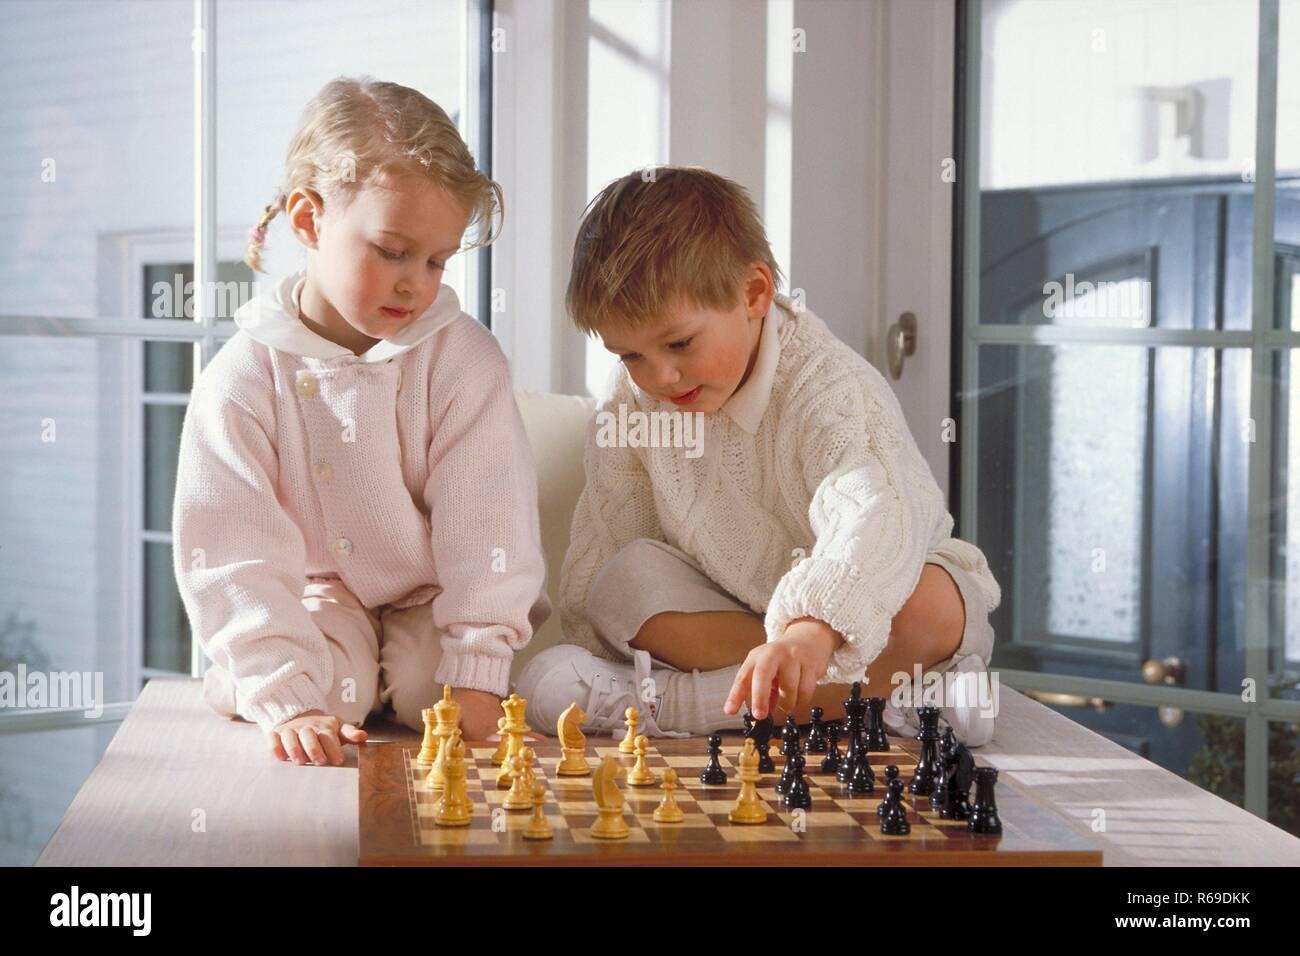 Portrait, Innenraum, Ganzfigur, blondes Maedchen und Junge, 4-5 Jahre alt, beide hell gekleidet, sitzen  auf dem Tisch und spielen Schach Stock Photo